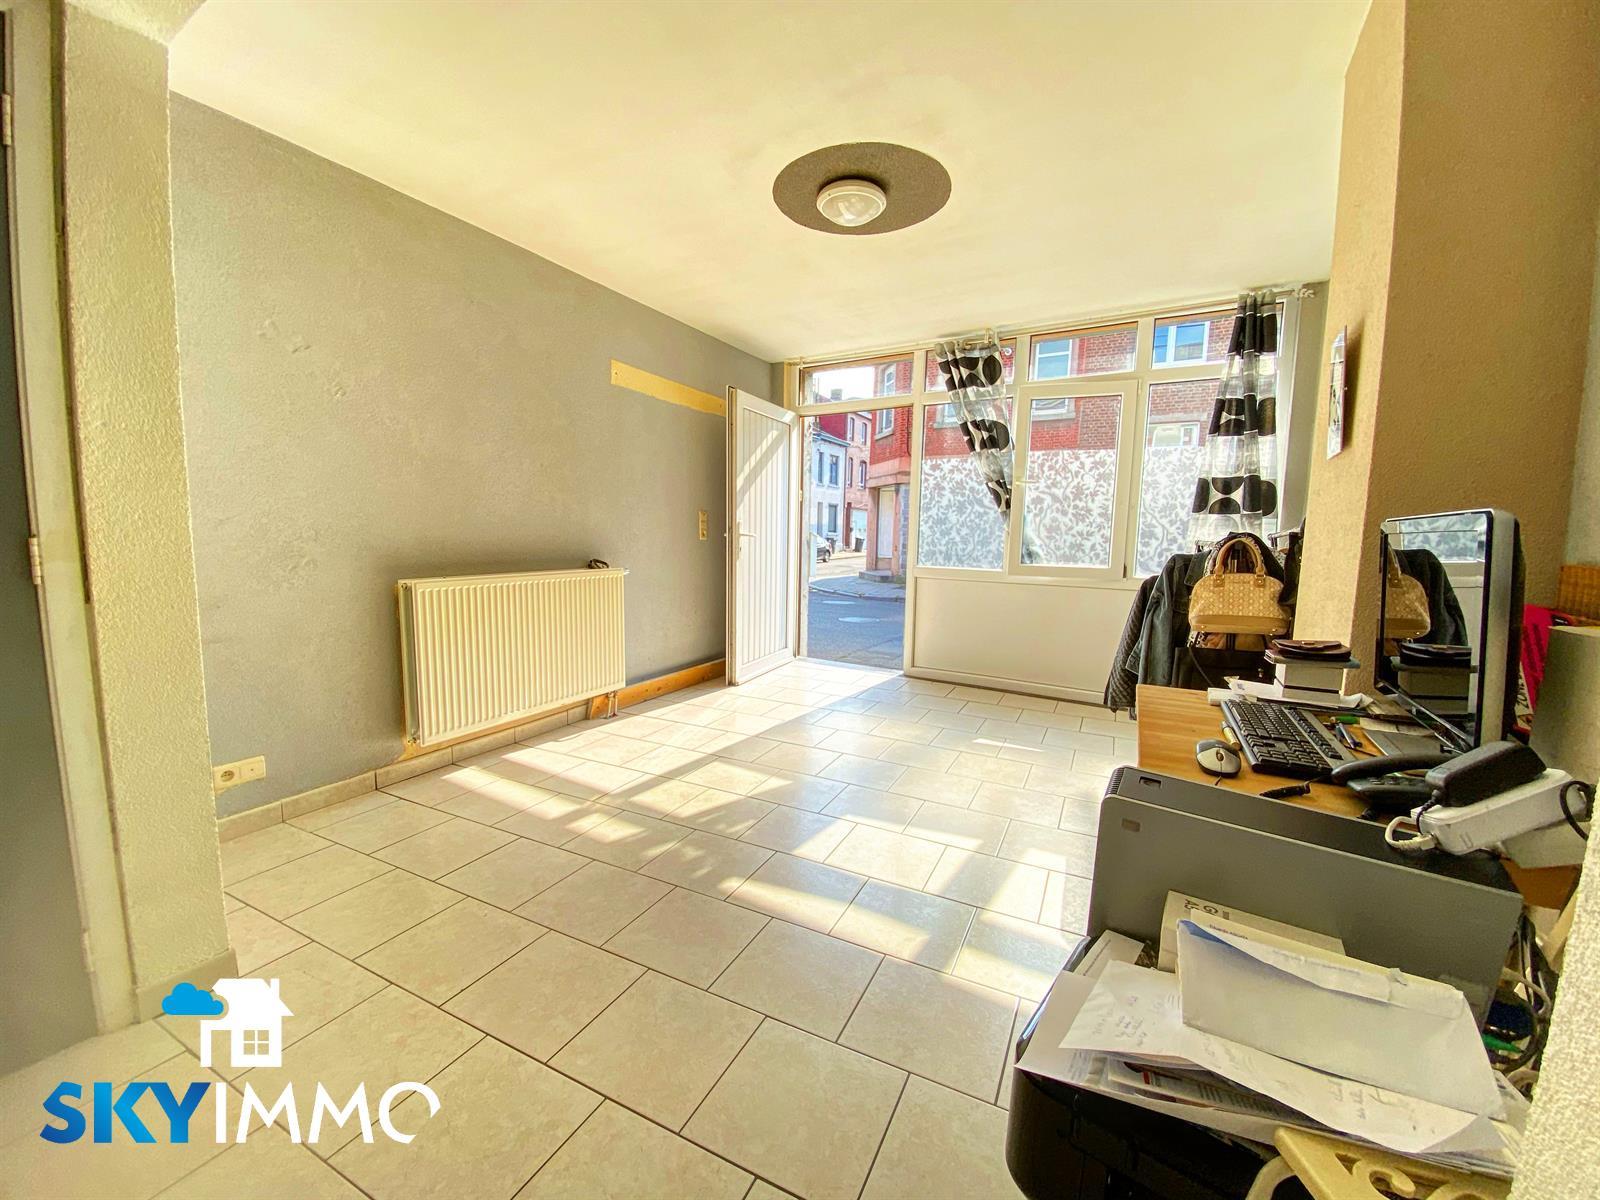 Maison - Seraing - #4325764-2